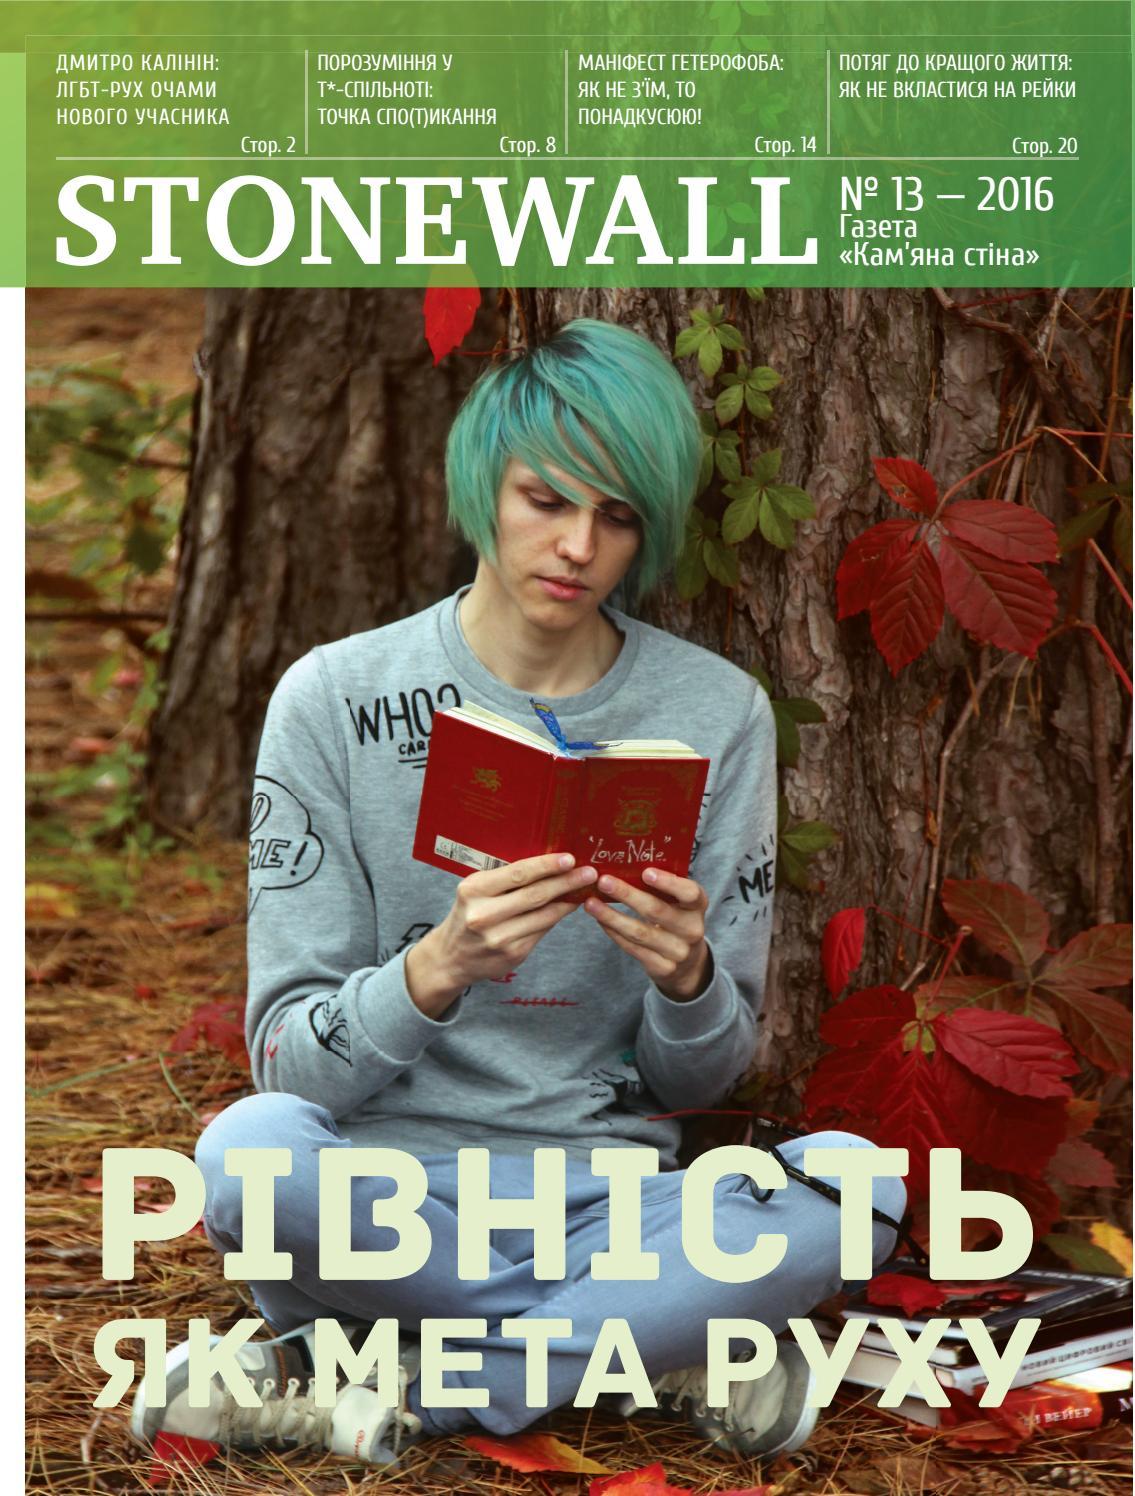 Порно сайт підлітків фото геїв фото 457-446